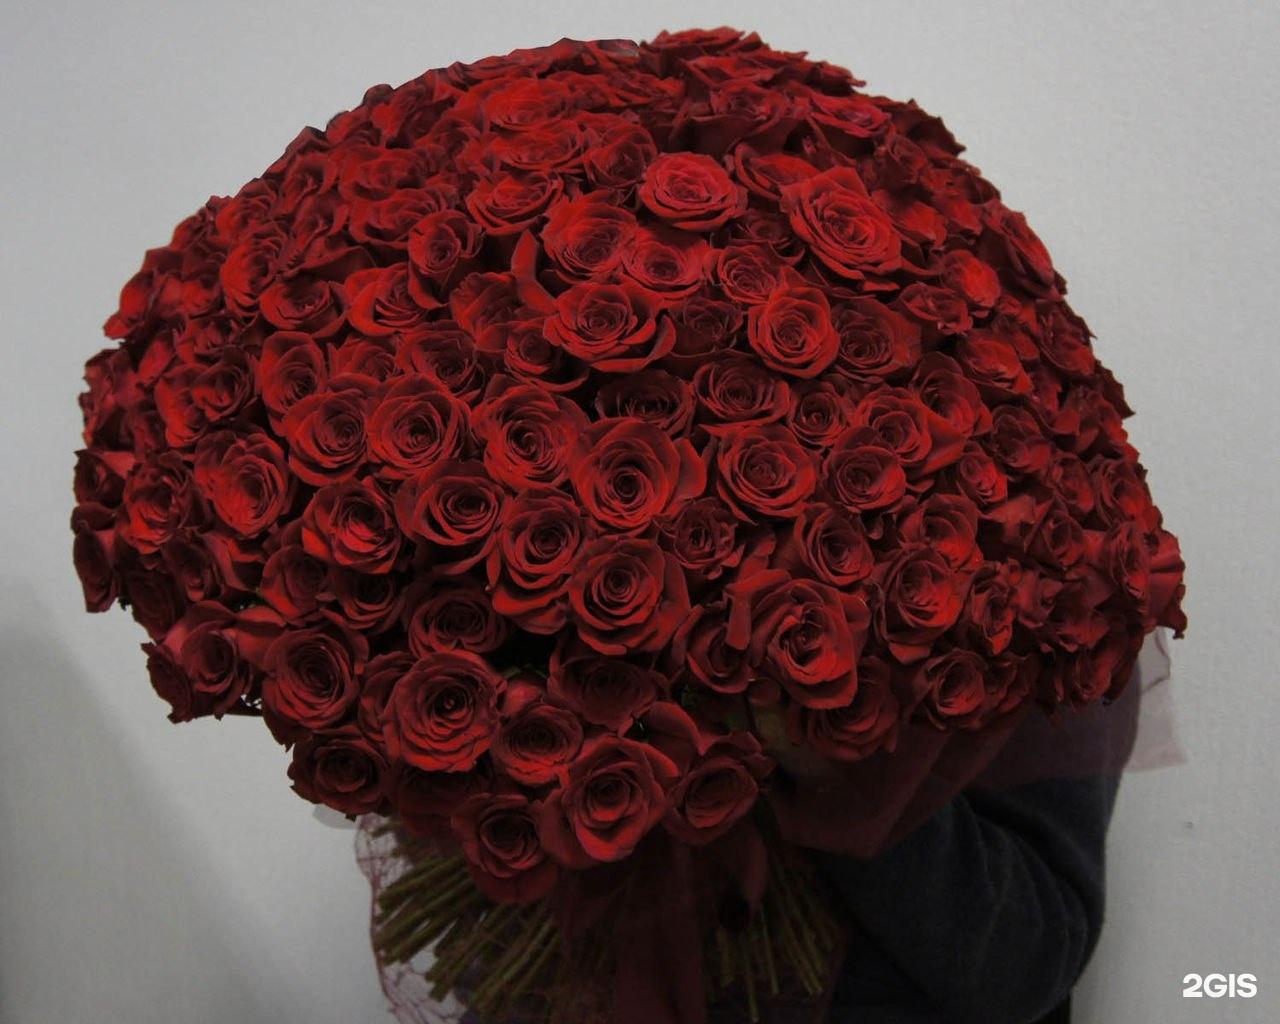 Очень красивые букеты высокие большие букеты роз удивительно красивые, стоит